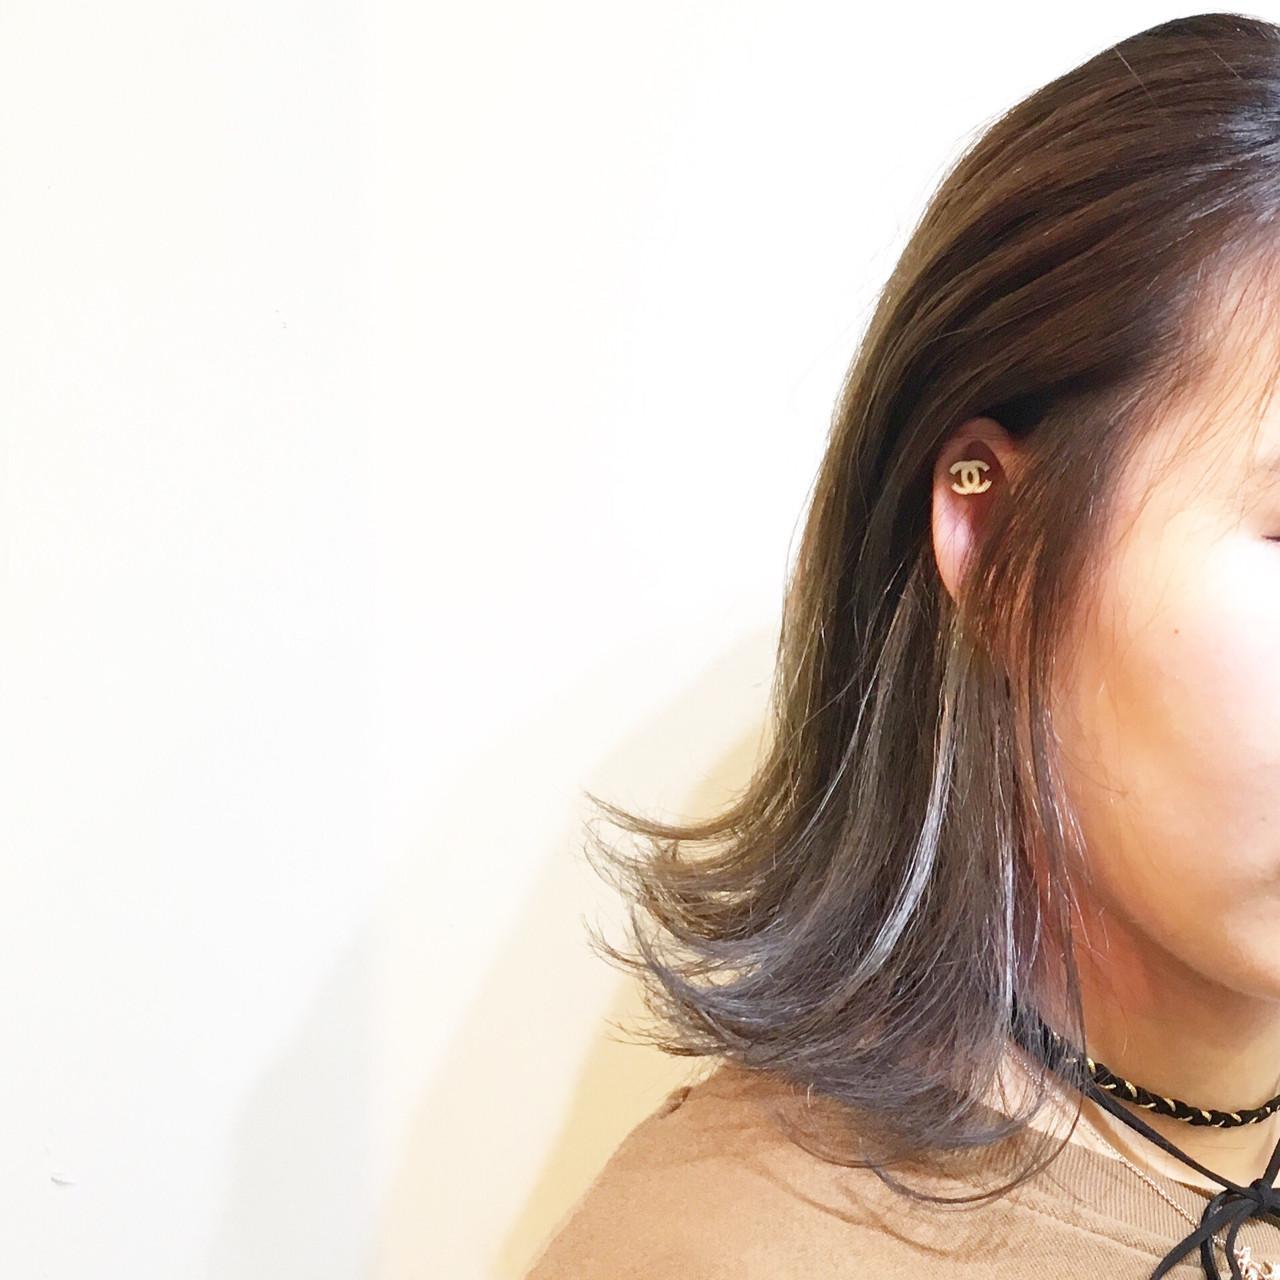 グラデーションカラー 暗髪 色気 ストリート ヘアスタイルや髪型の写真・画像 | COM PASS タイチ / COM PASS